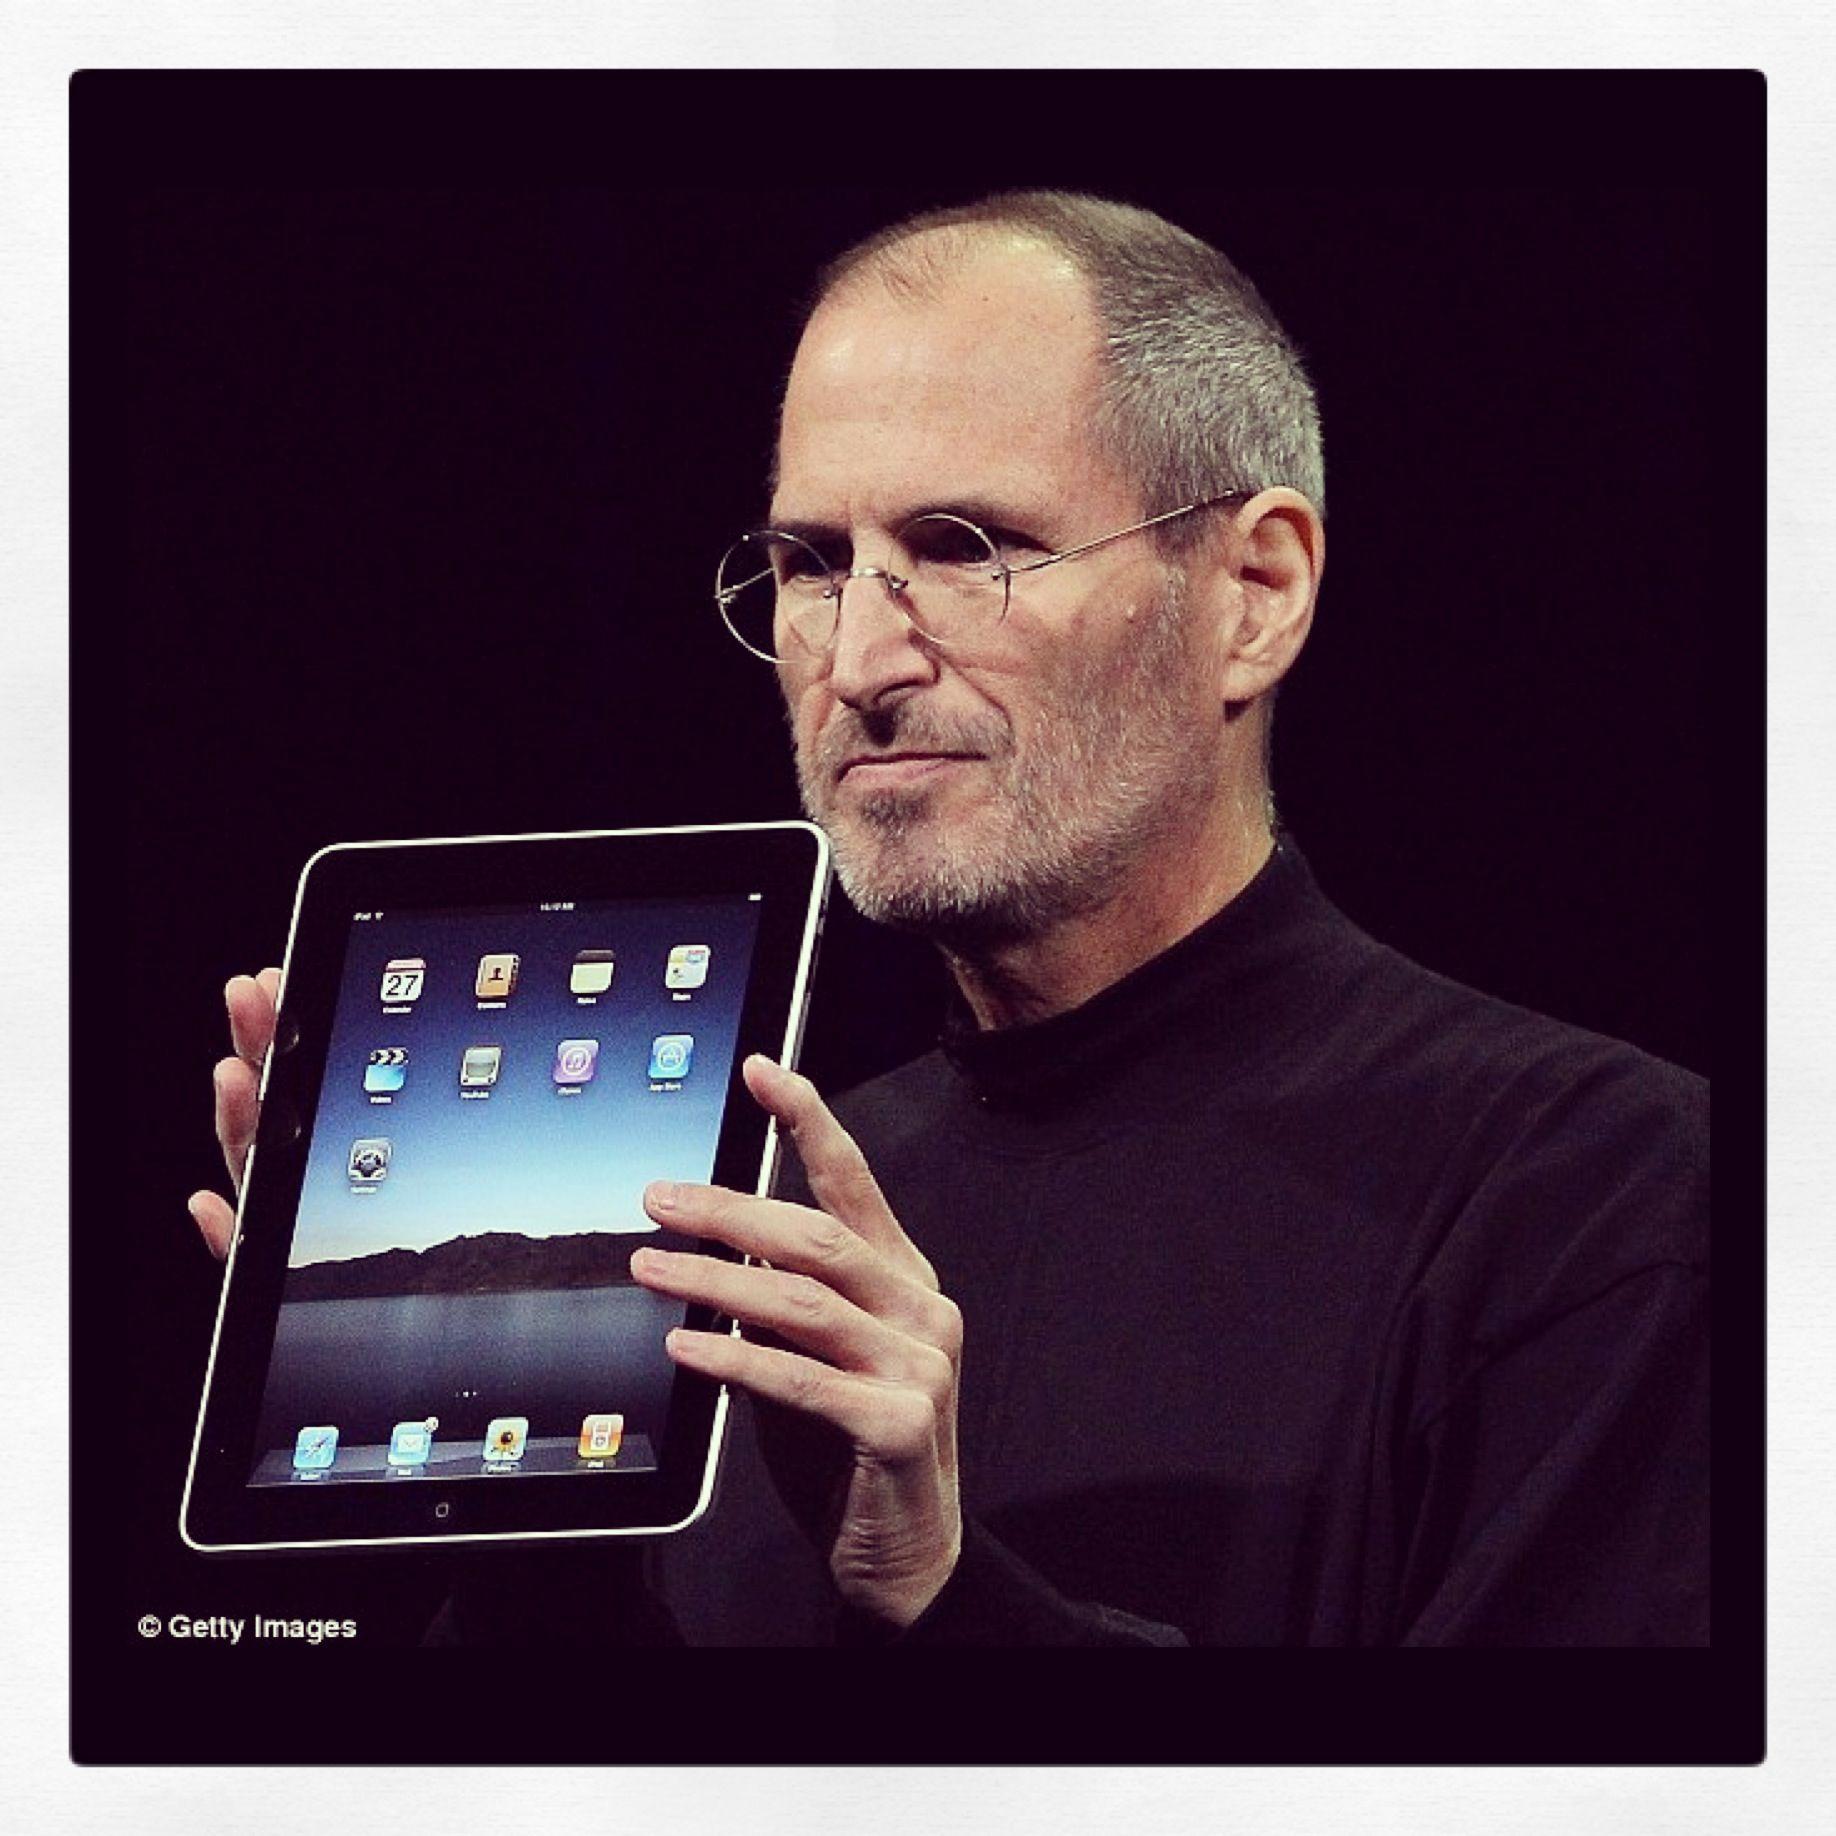 happy birthday iPad 3years youvechangedtheworld Steve